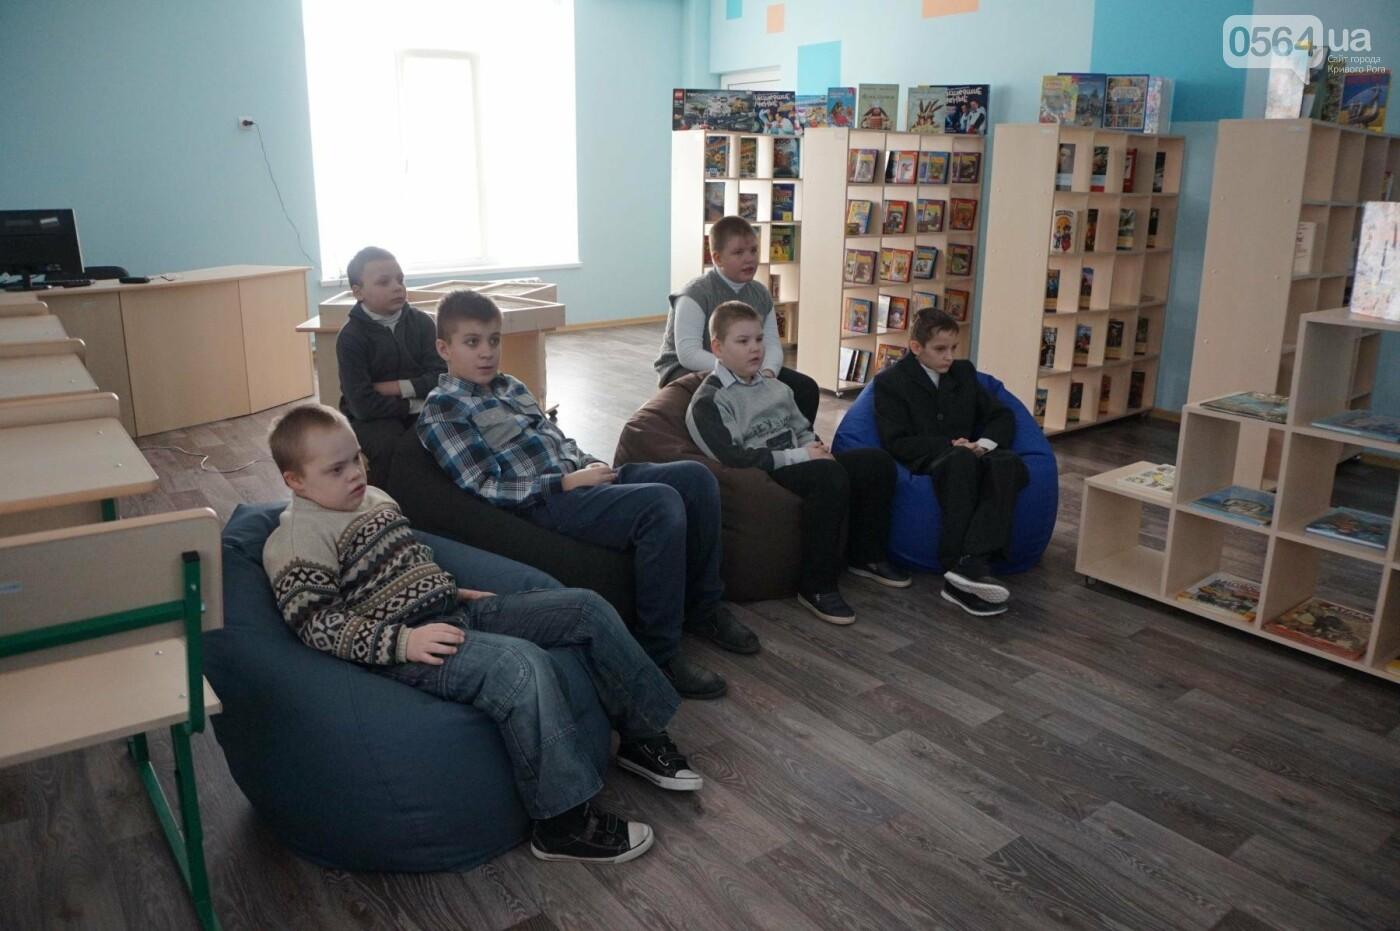 Приближаясь к Европе: Как в школах Кривого Рога внедряют инклюзию (ФОТО), фото-9